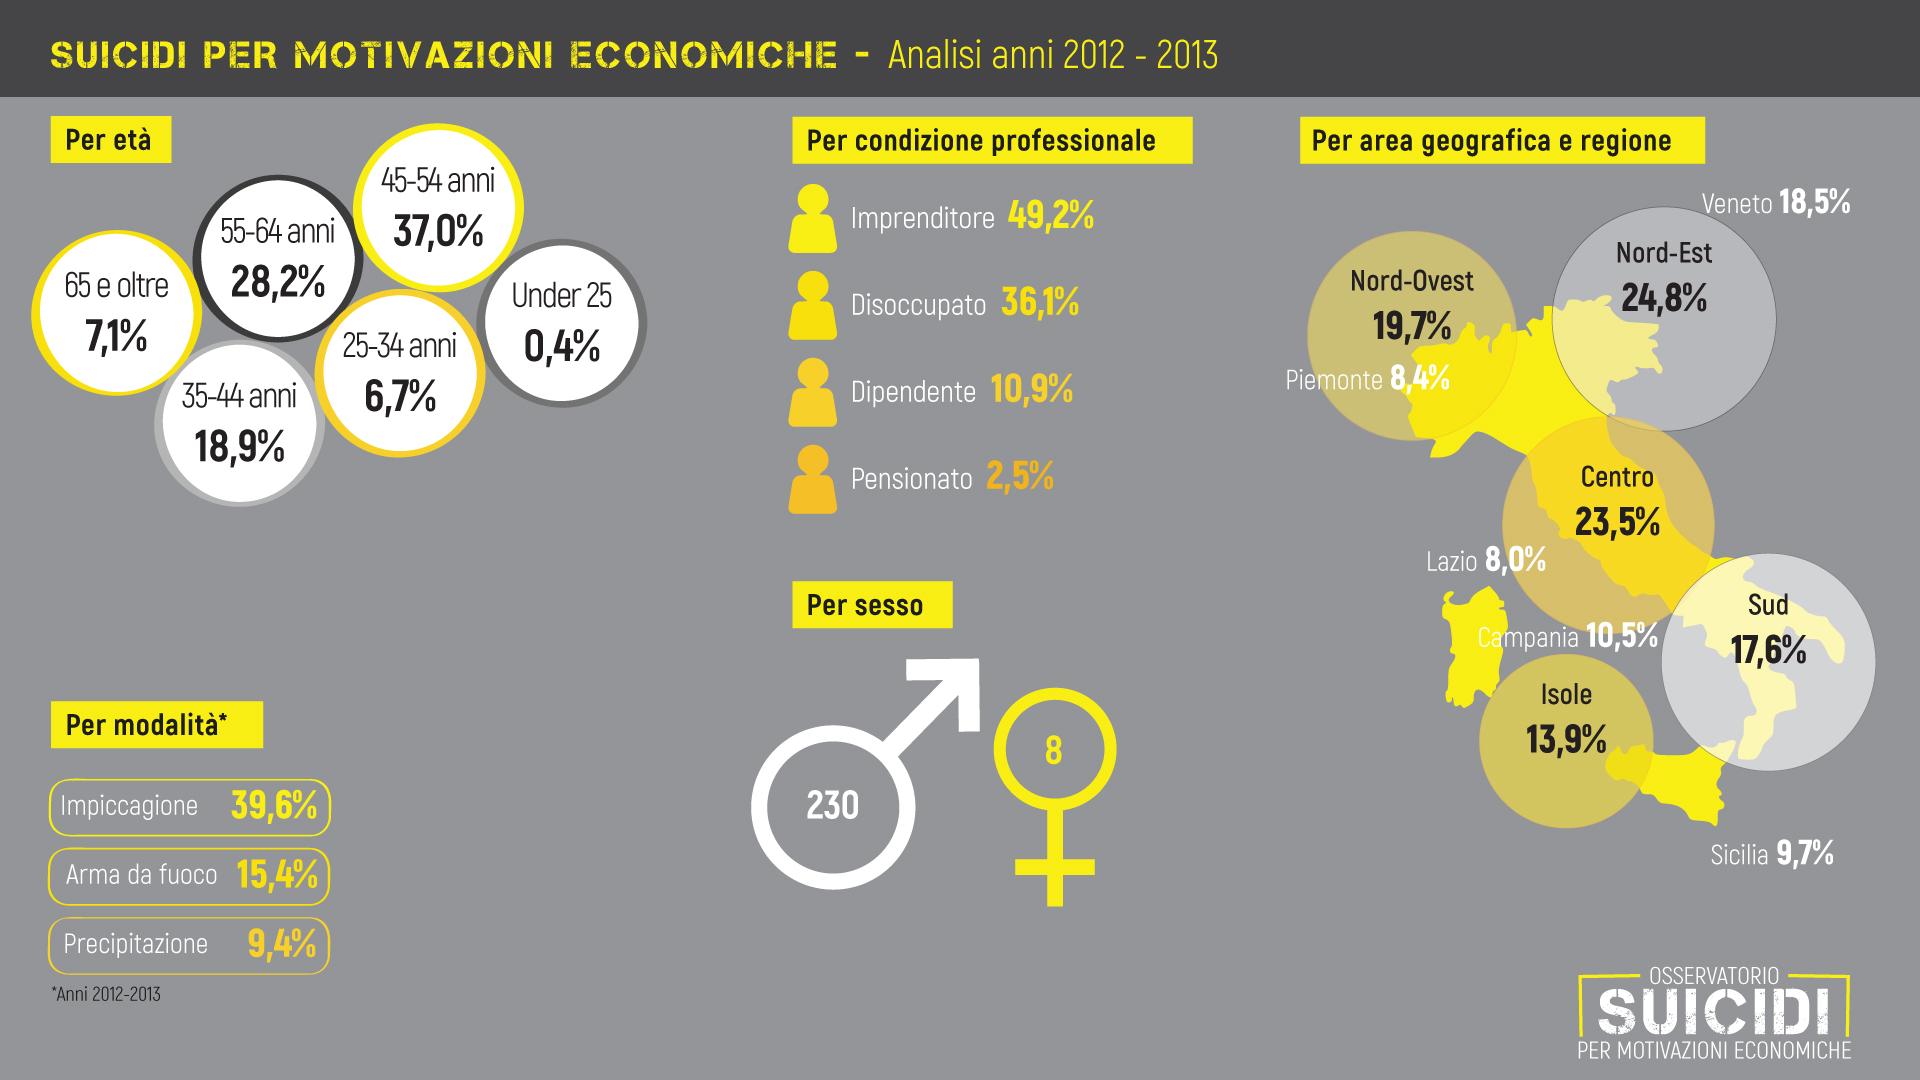 Suicidi-2012-2013